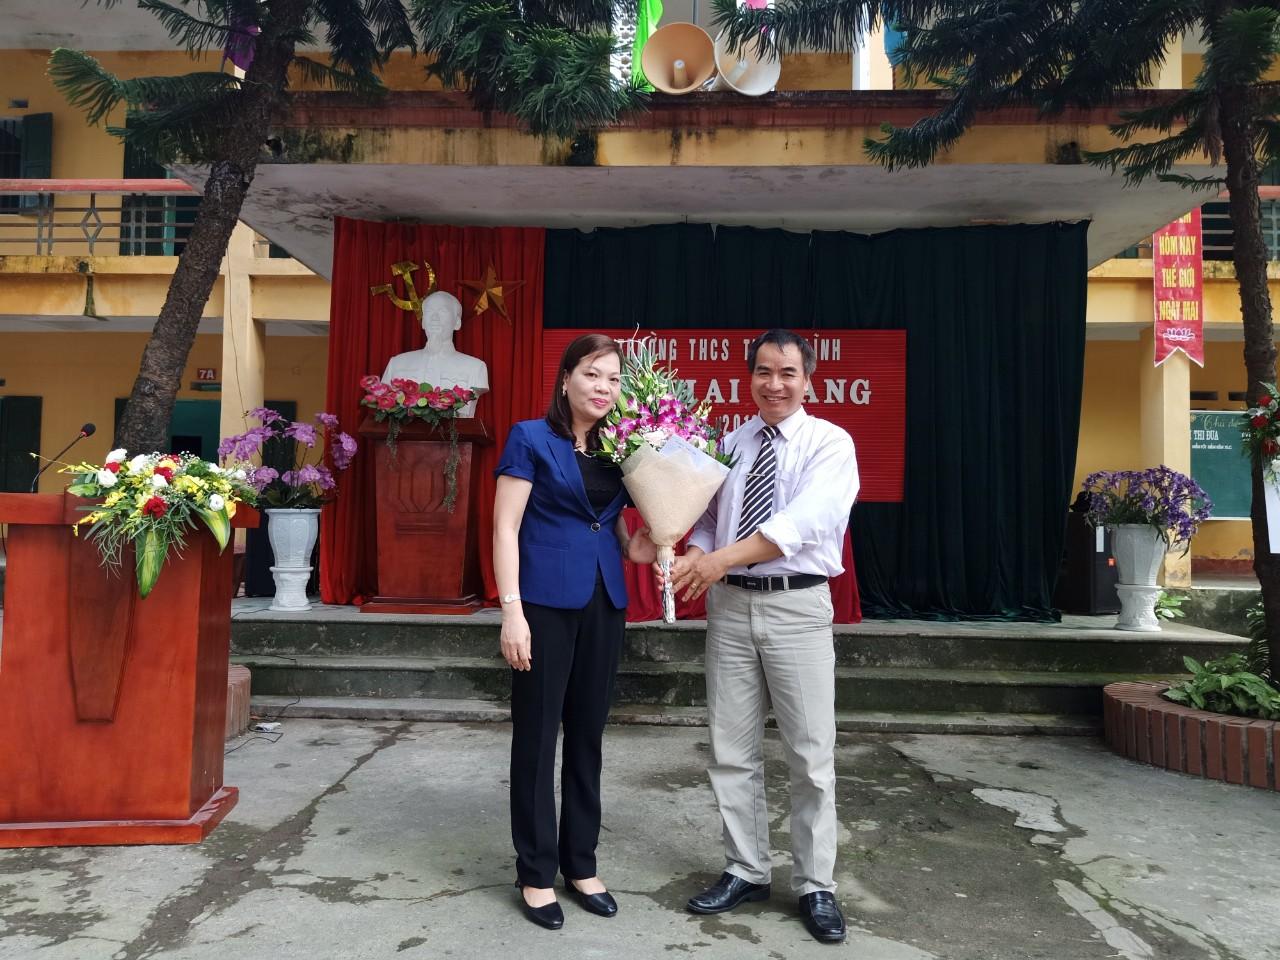 bà Trần Thị Diện - huyện ủy viên, Chánh án toàn án nhân dân huyện Kim Bảng về dự, phát biểu chỉ đạo và tặng hoa cho nhà trường;